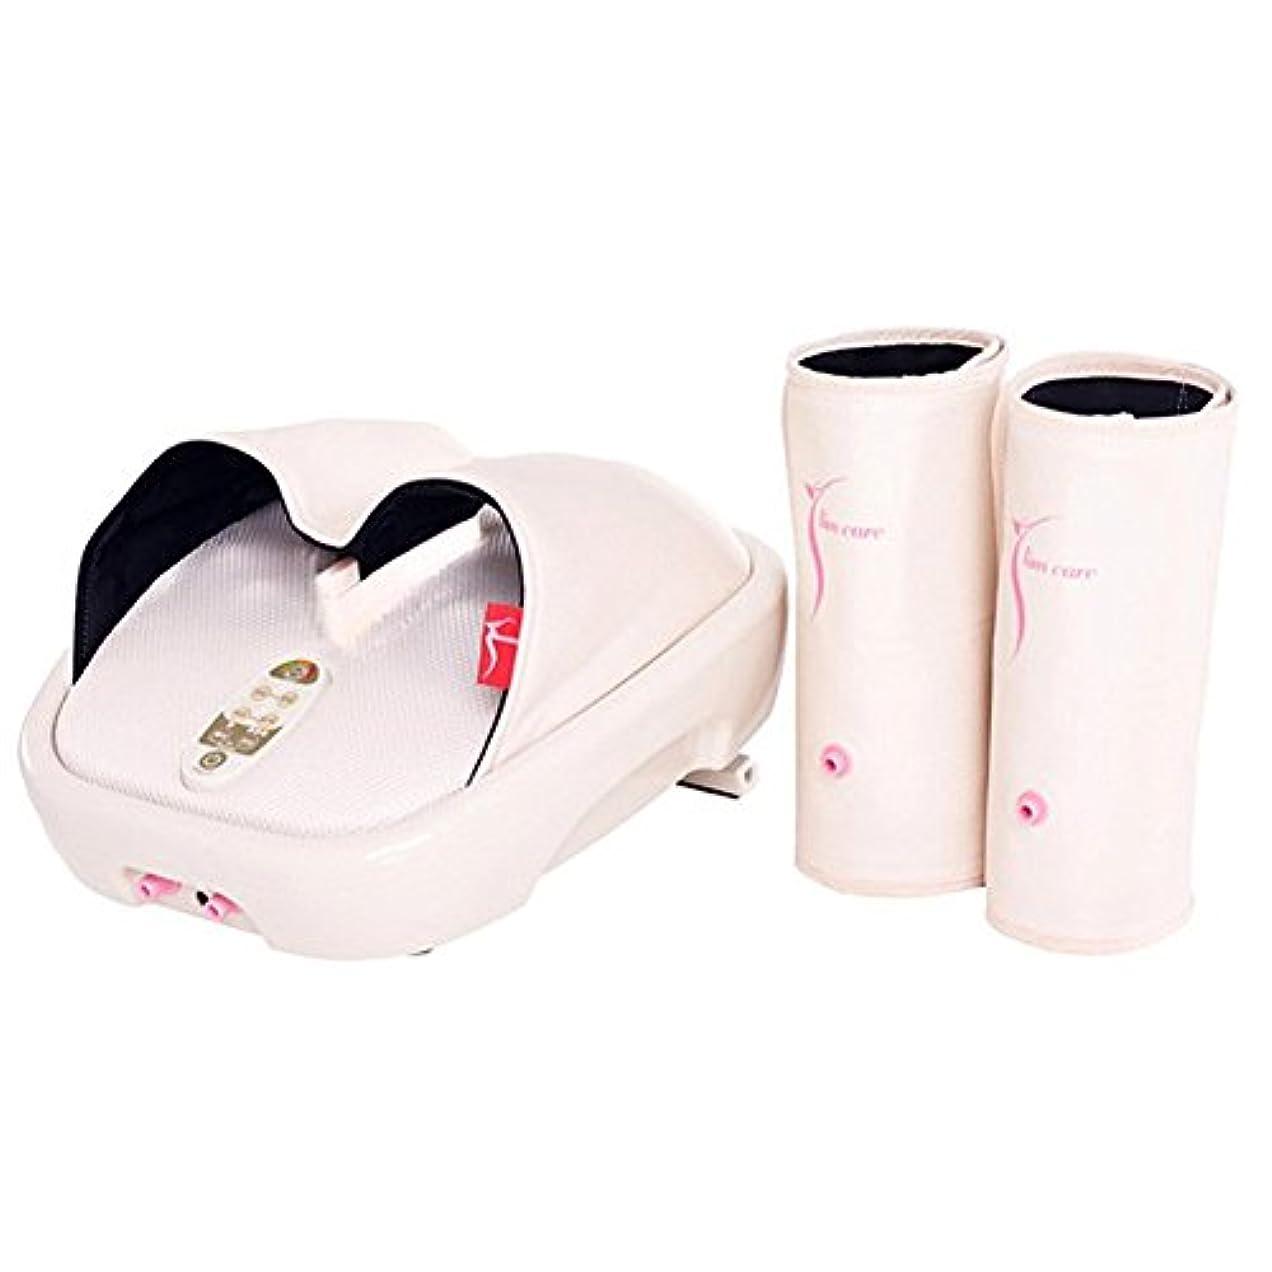 やさしく前進植物学Hanil 532 Y-Liner HIL-9000F Air Compression Heating Foot Massager with Calf Cuff ハニール532 YライナーHILL-9000Fエアコンプレッションヒートフットマッサージャー...